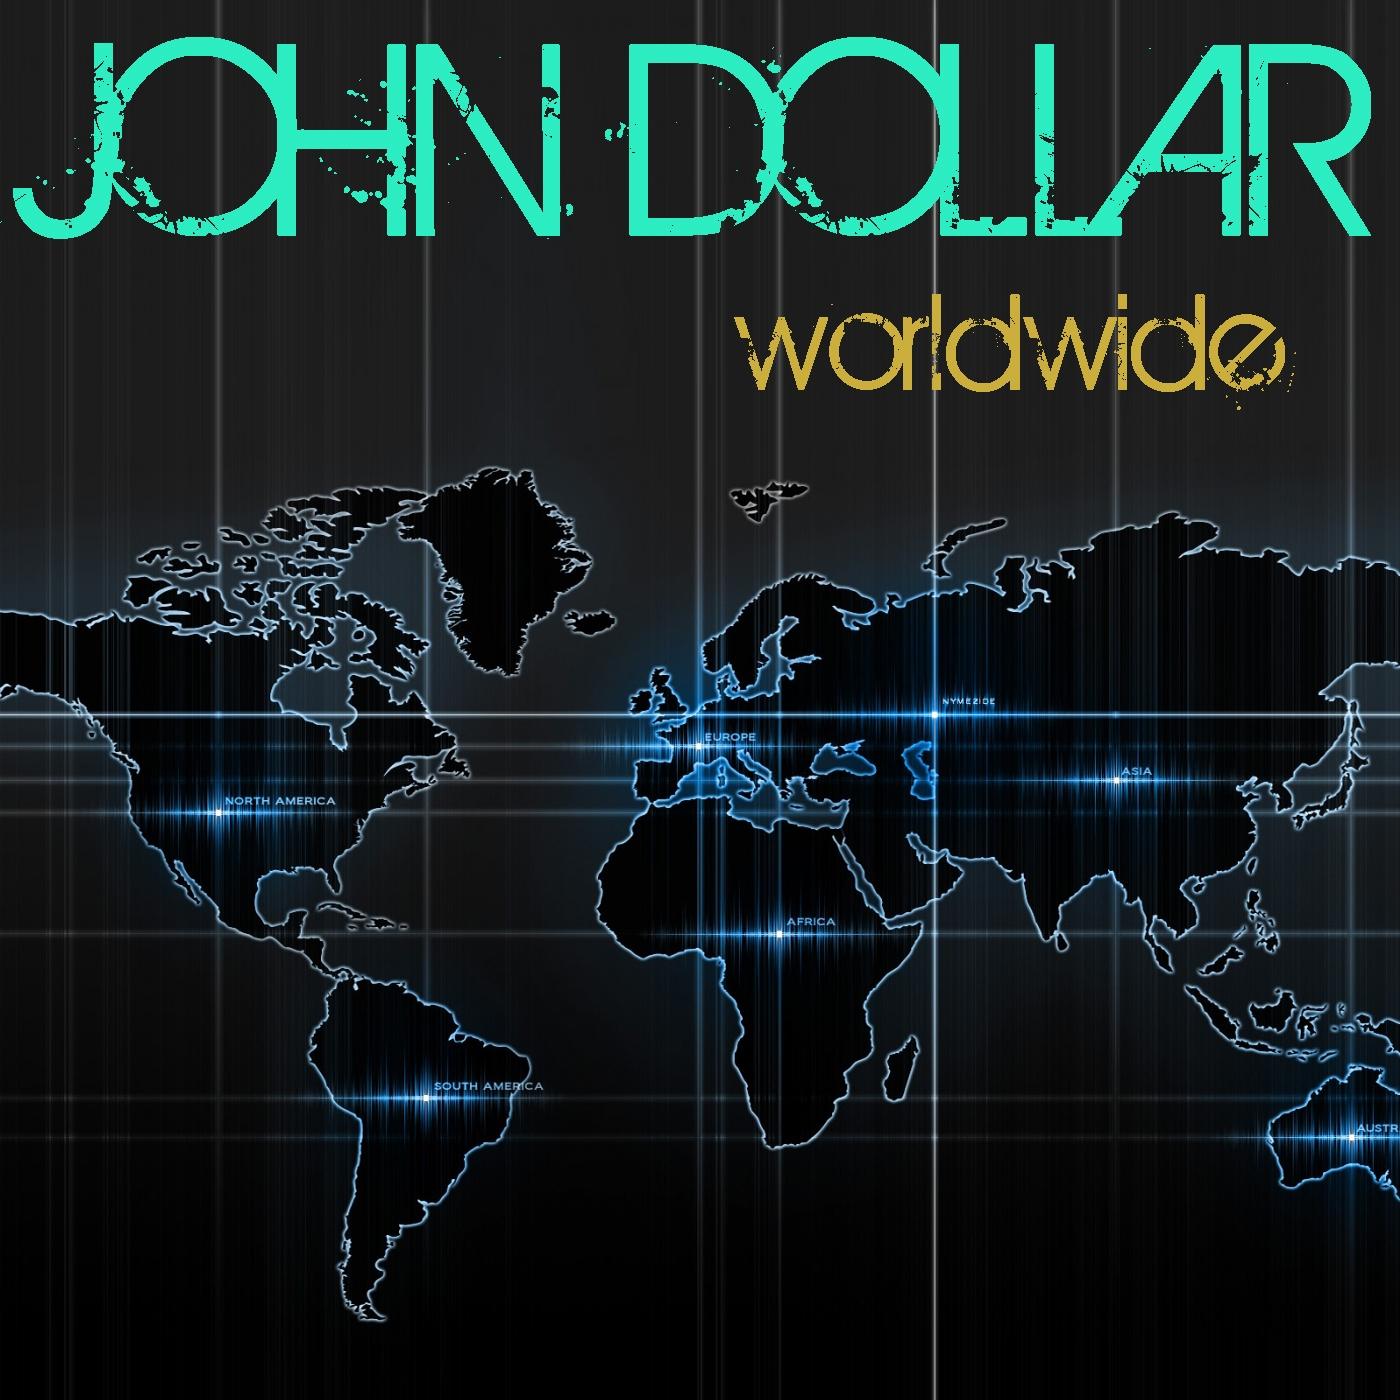 John Dollar - Invisible (Original Mix)